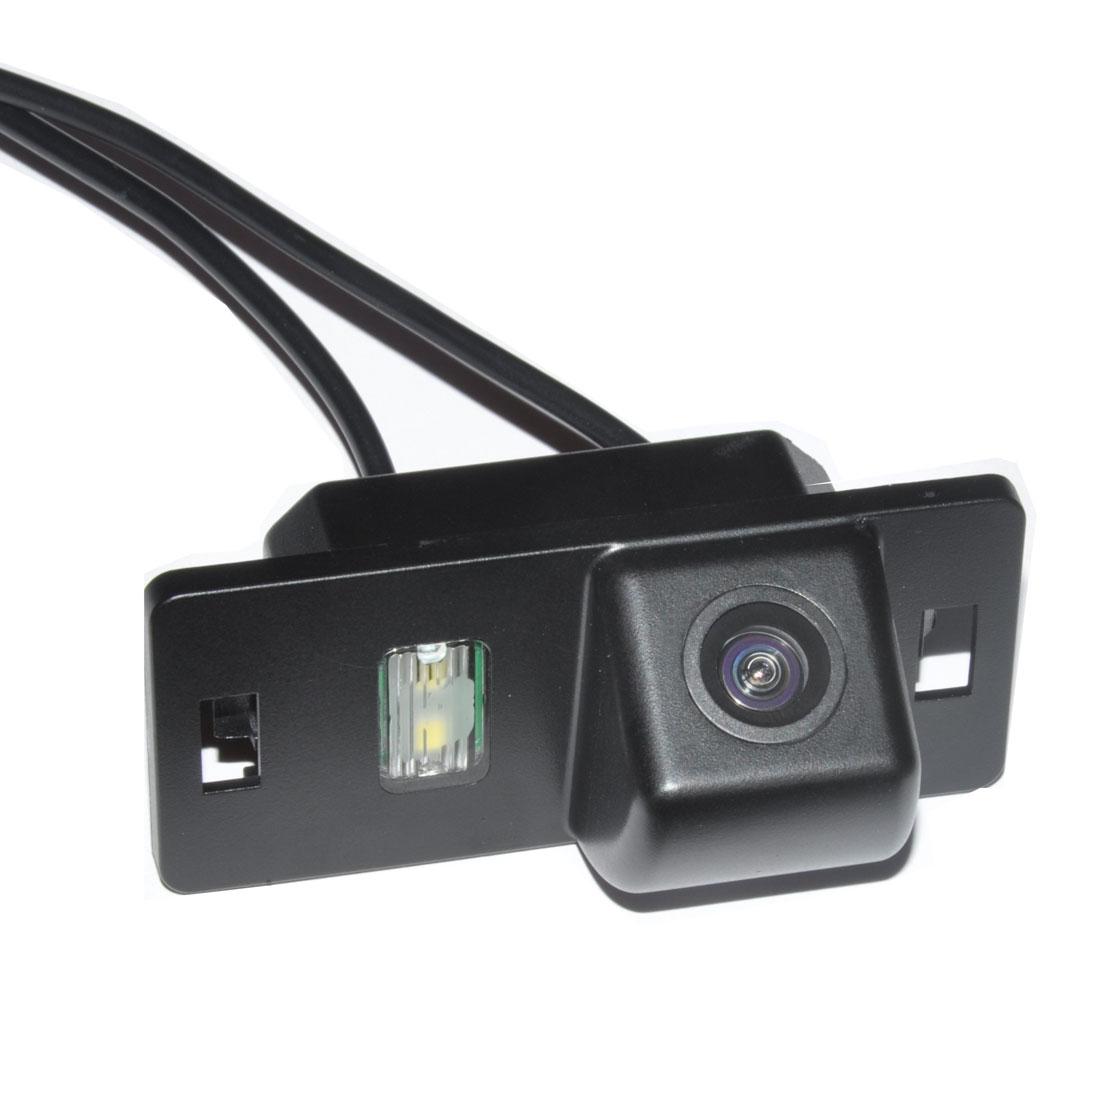 Auto Hintere Ansicht-rückstell Kamera Wasserdicht Nachtsicht Kamera für Audi A1 A3 A4 A5 A6 RS4 TT Q5 Q7 Volkswagen Passat R36